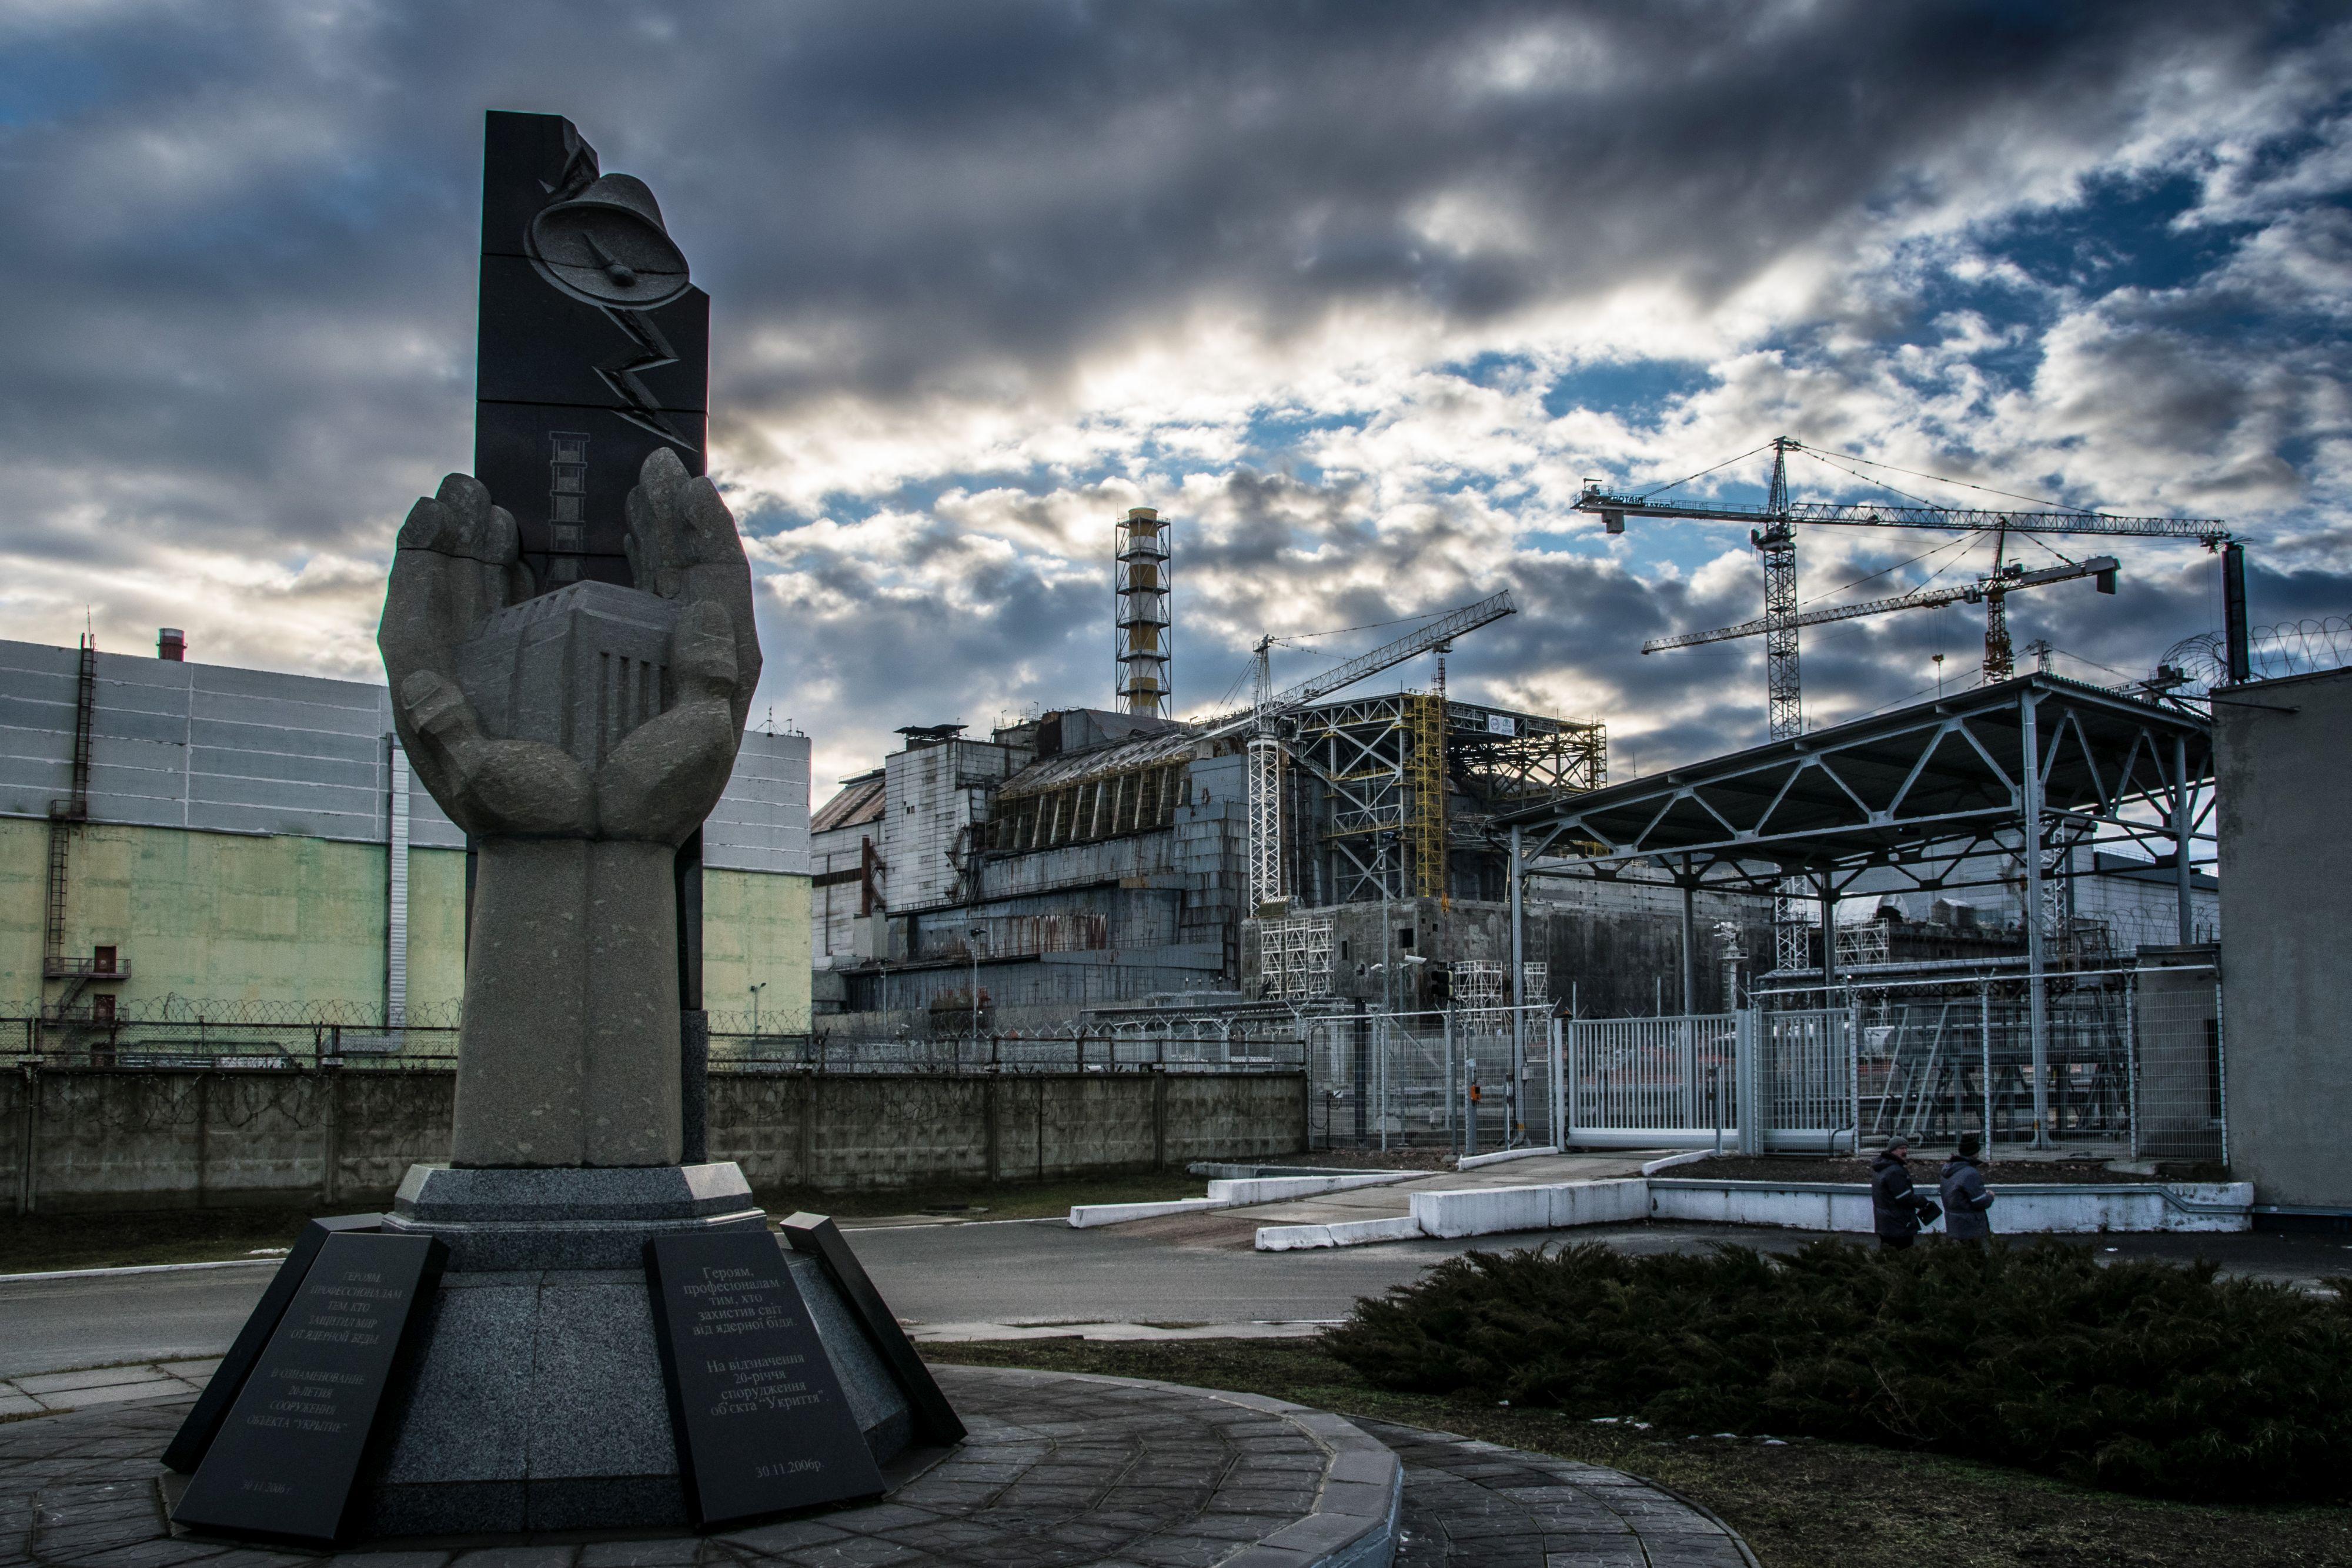 chernobyl - photo #45